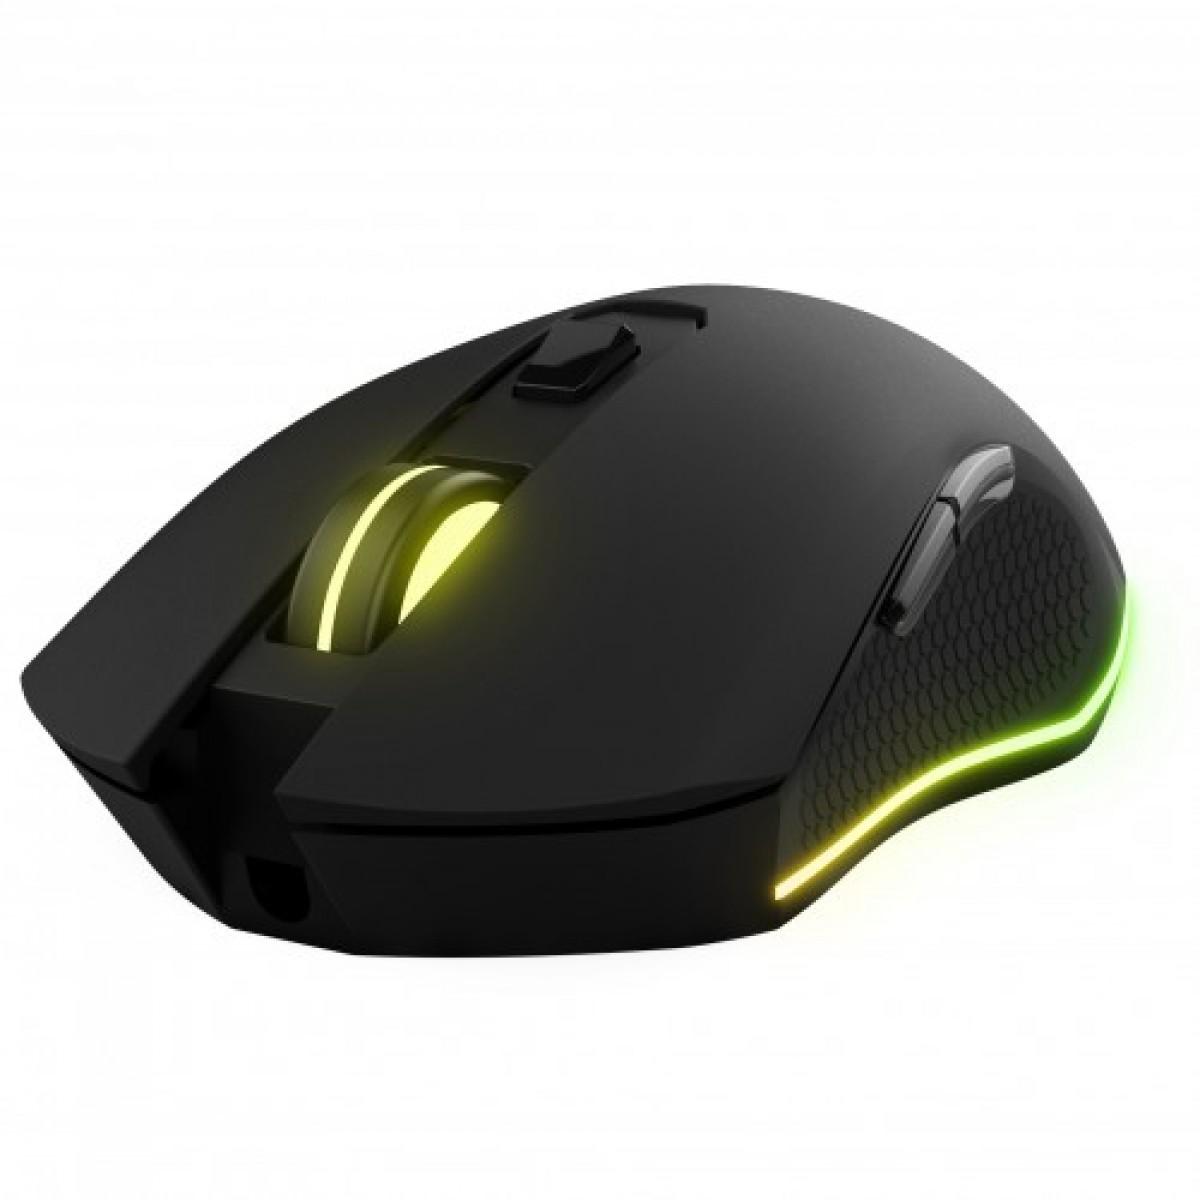 Mouse Gamer KWG Orion E2, 3200 DPI, 6 Botões, Black